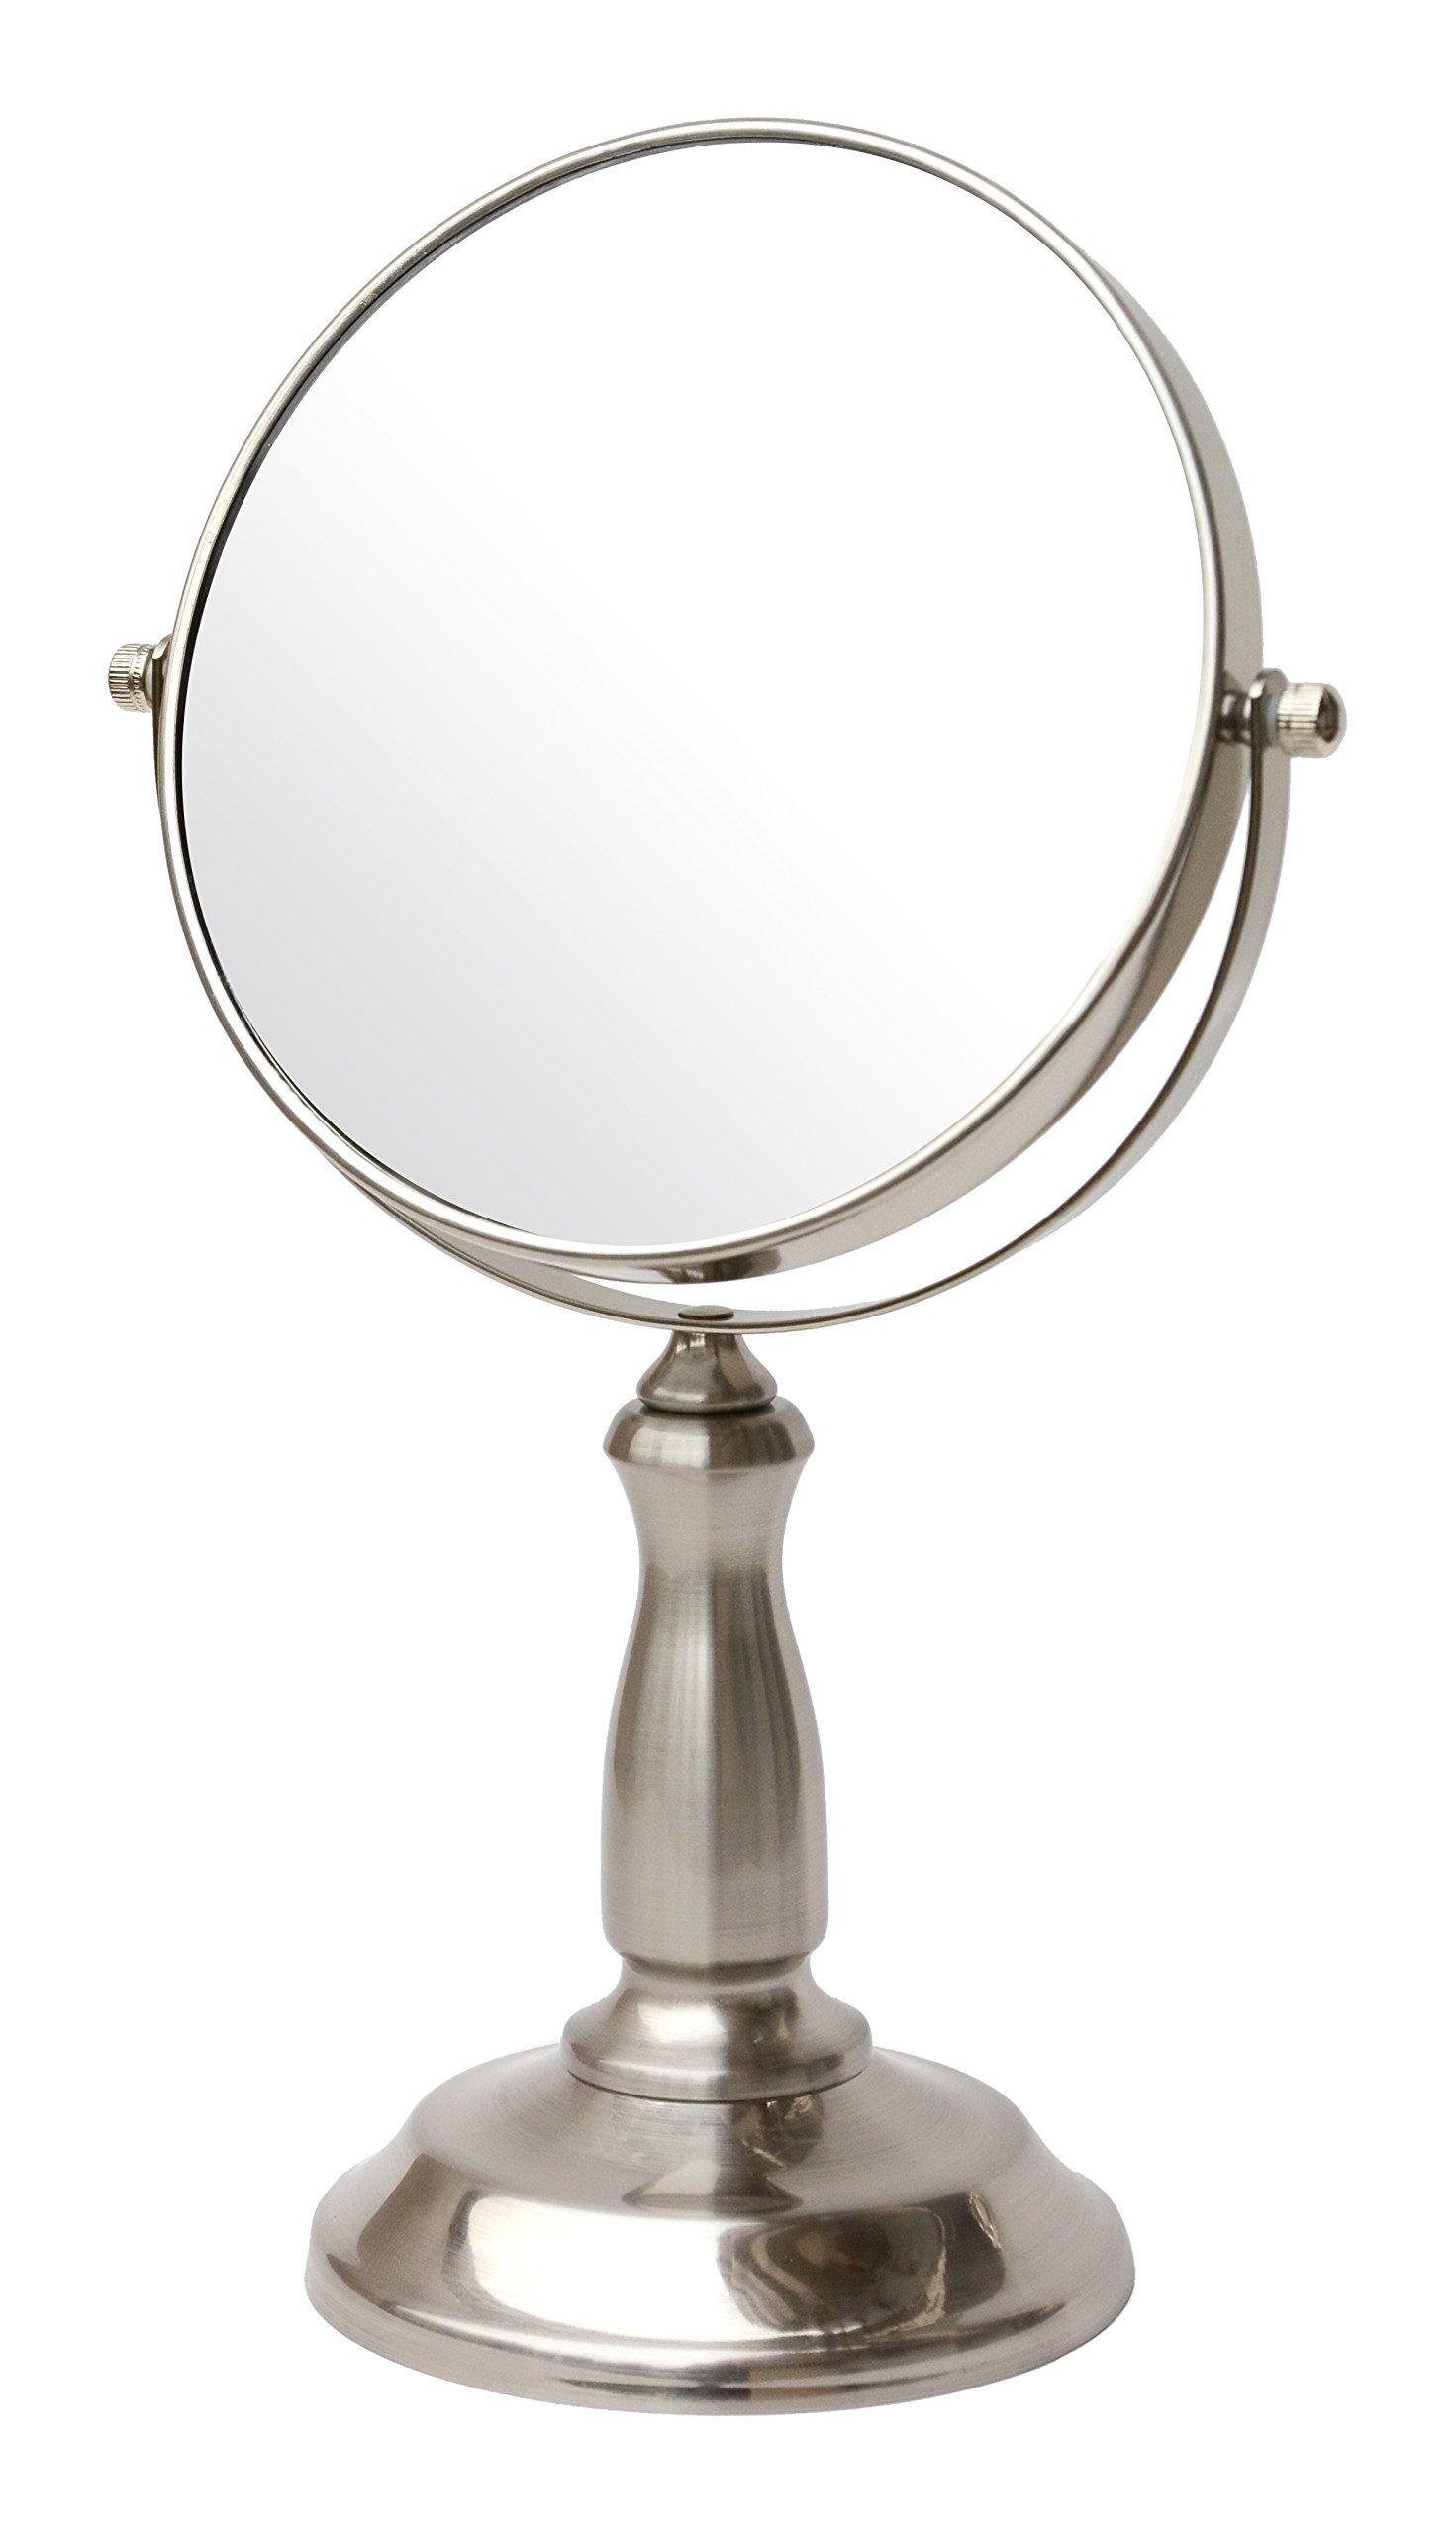 BathSense VAN1290SAT Pedestal Vanity Circular Tilting Bathroom Mirror, Satin Nickel by BathSense